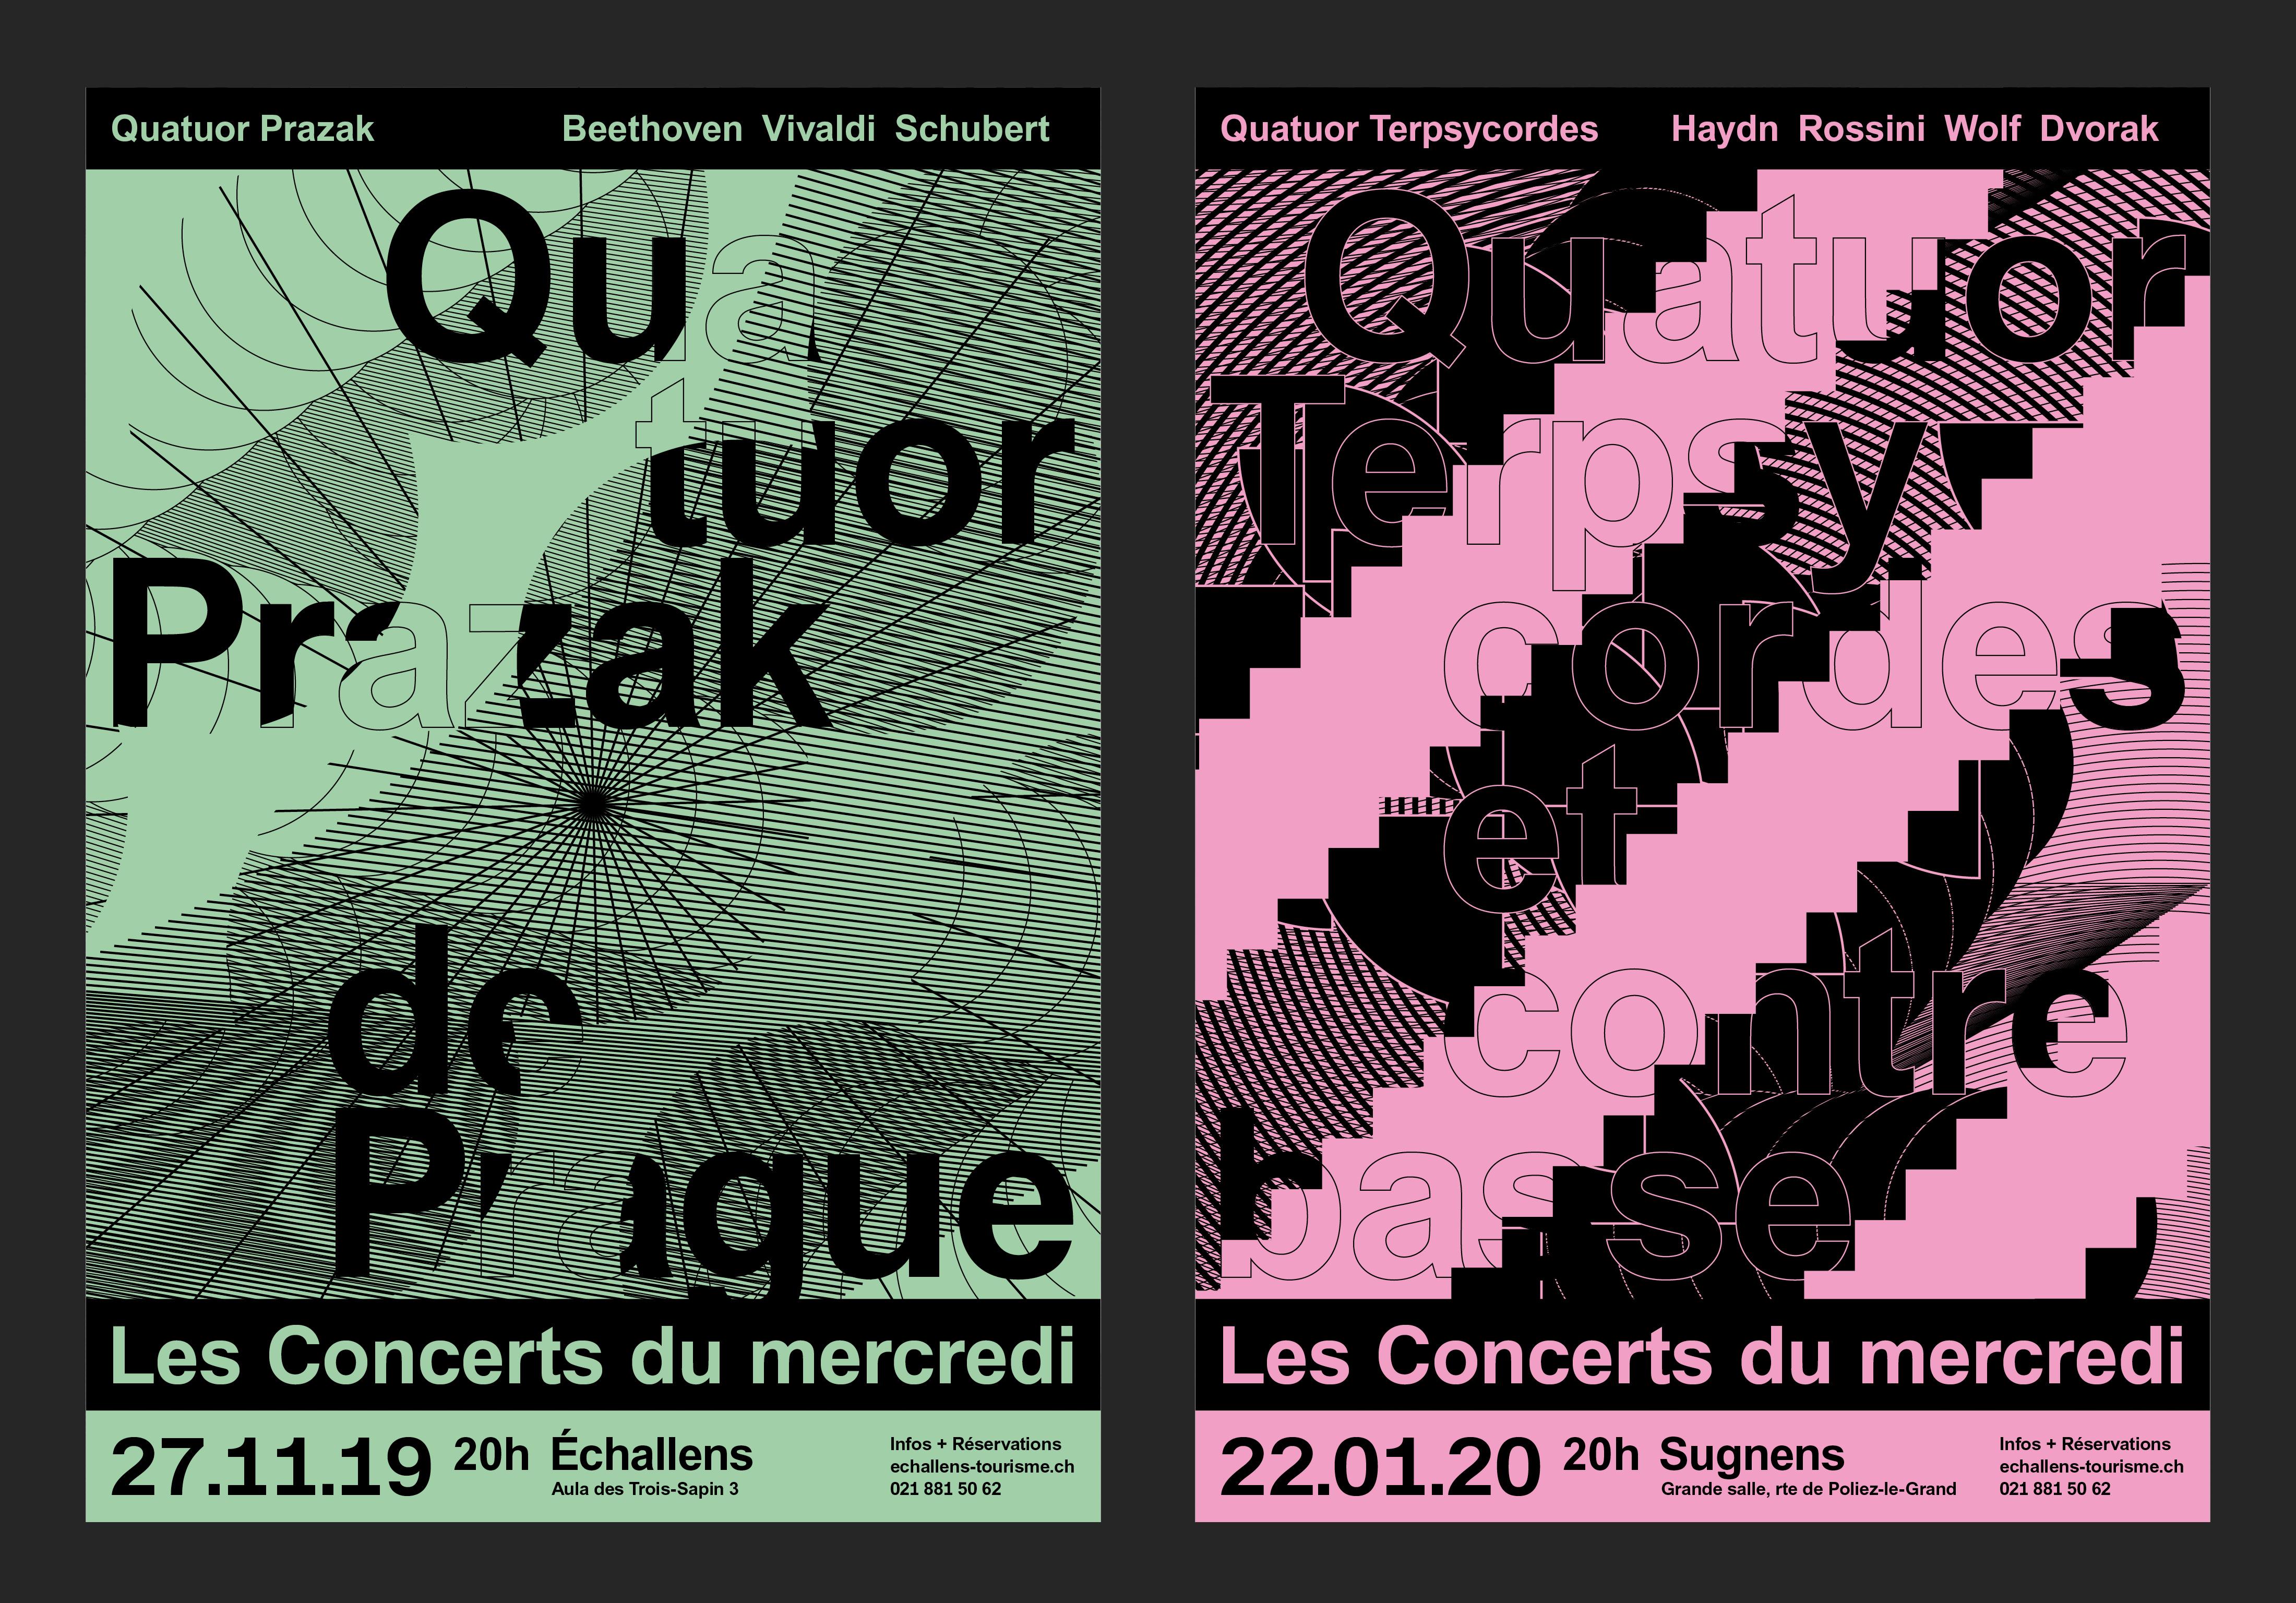 Les Concerts du mercredi 19-20